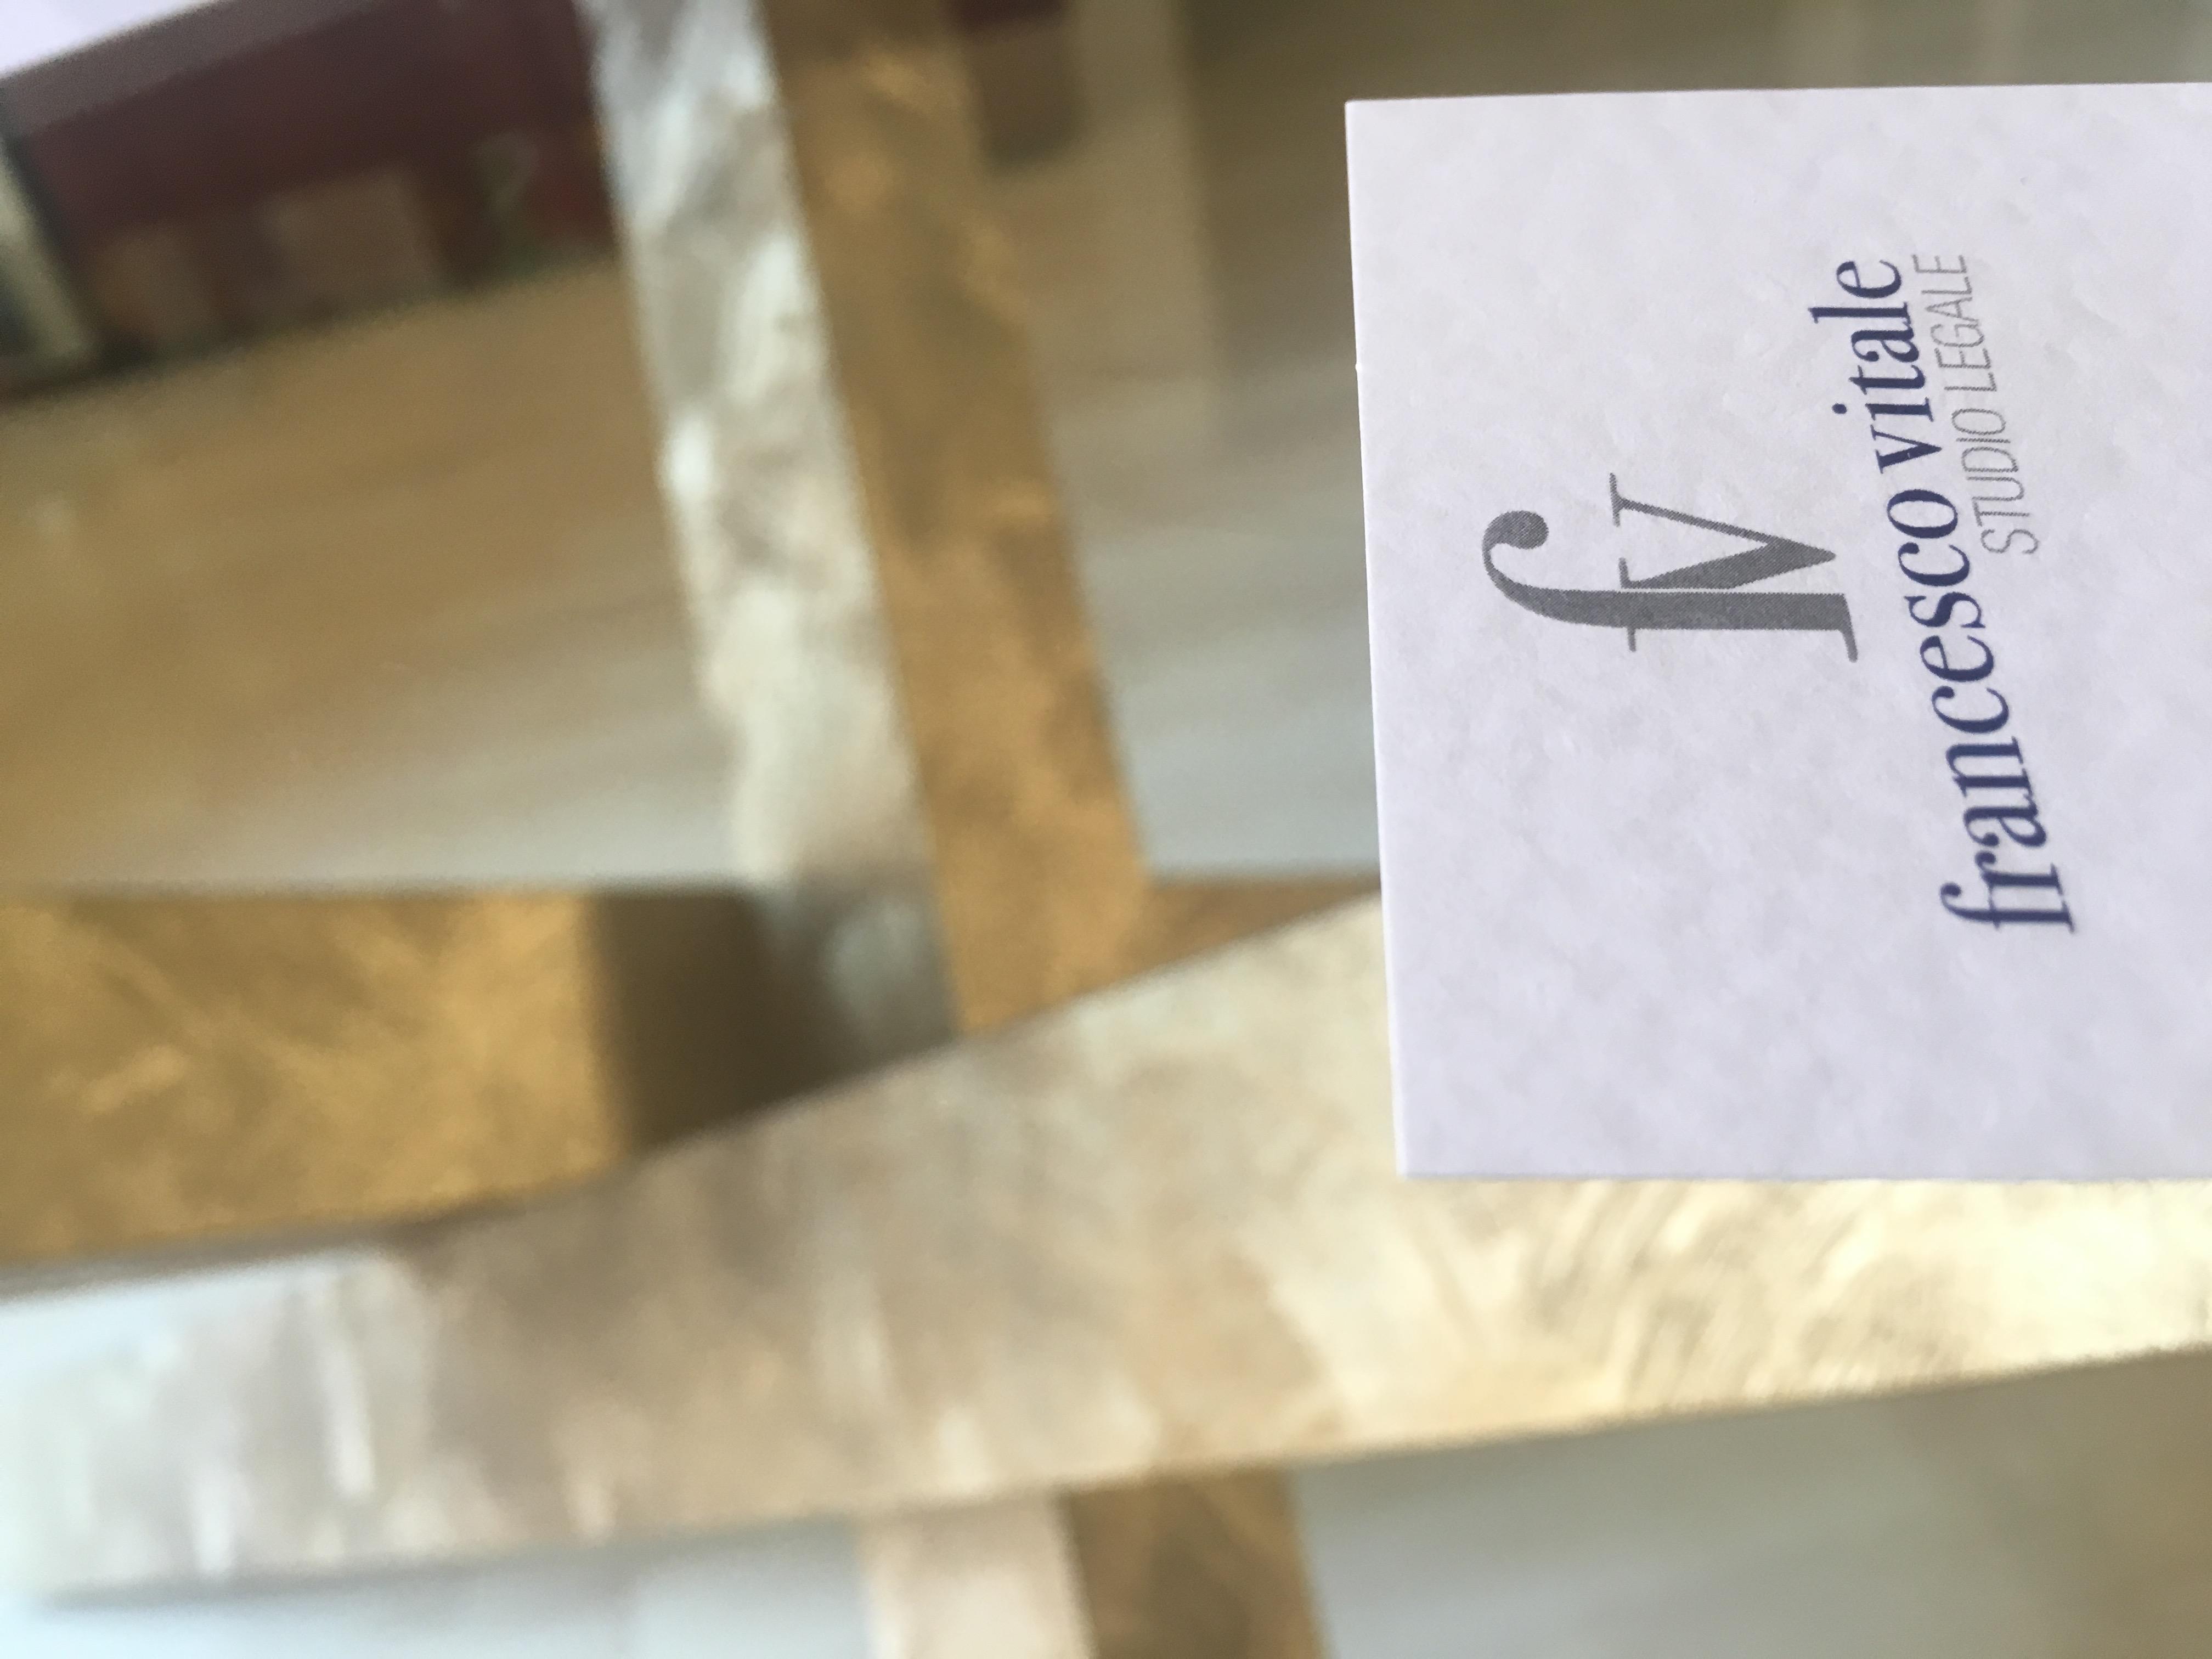 Contatti - Studio Legale Francesco Vitale - Avvocati a Salerno per consulenza legale